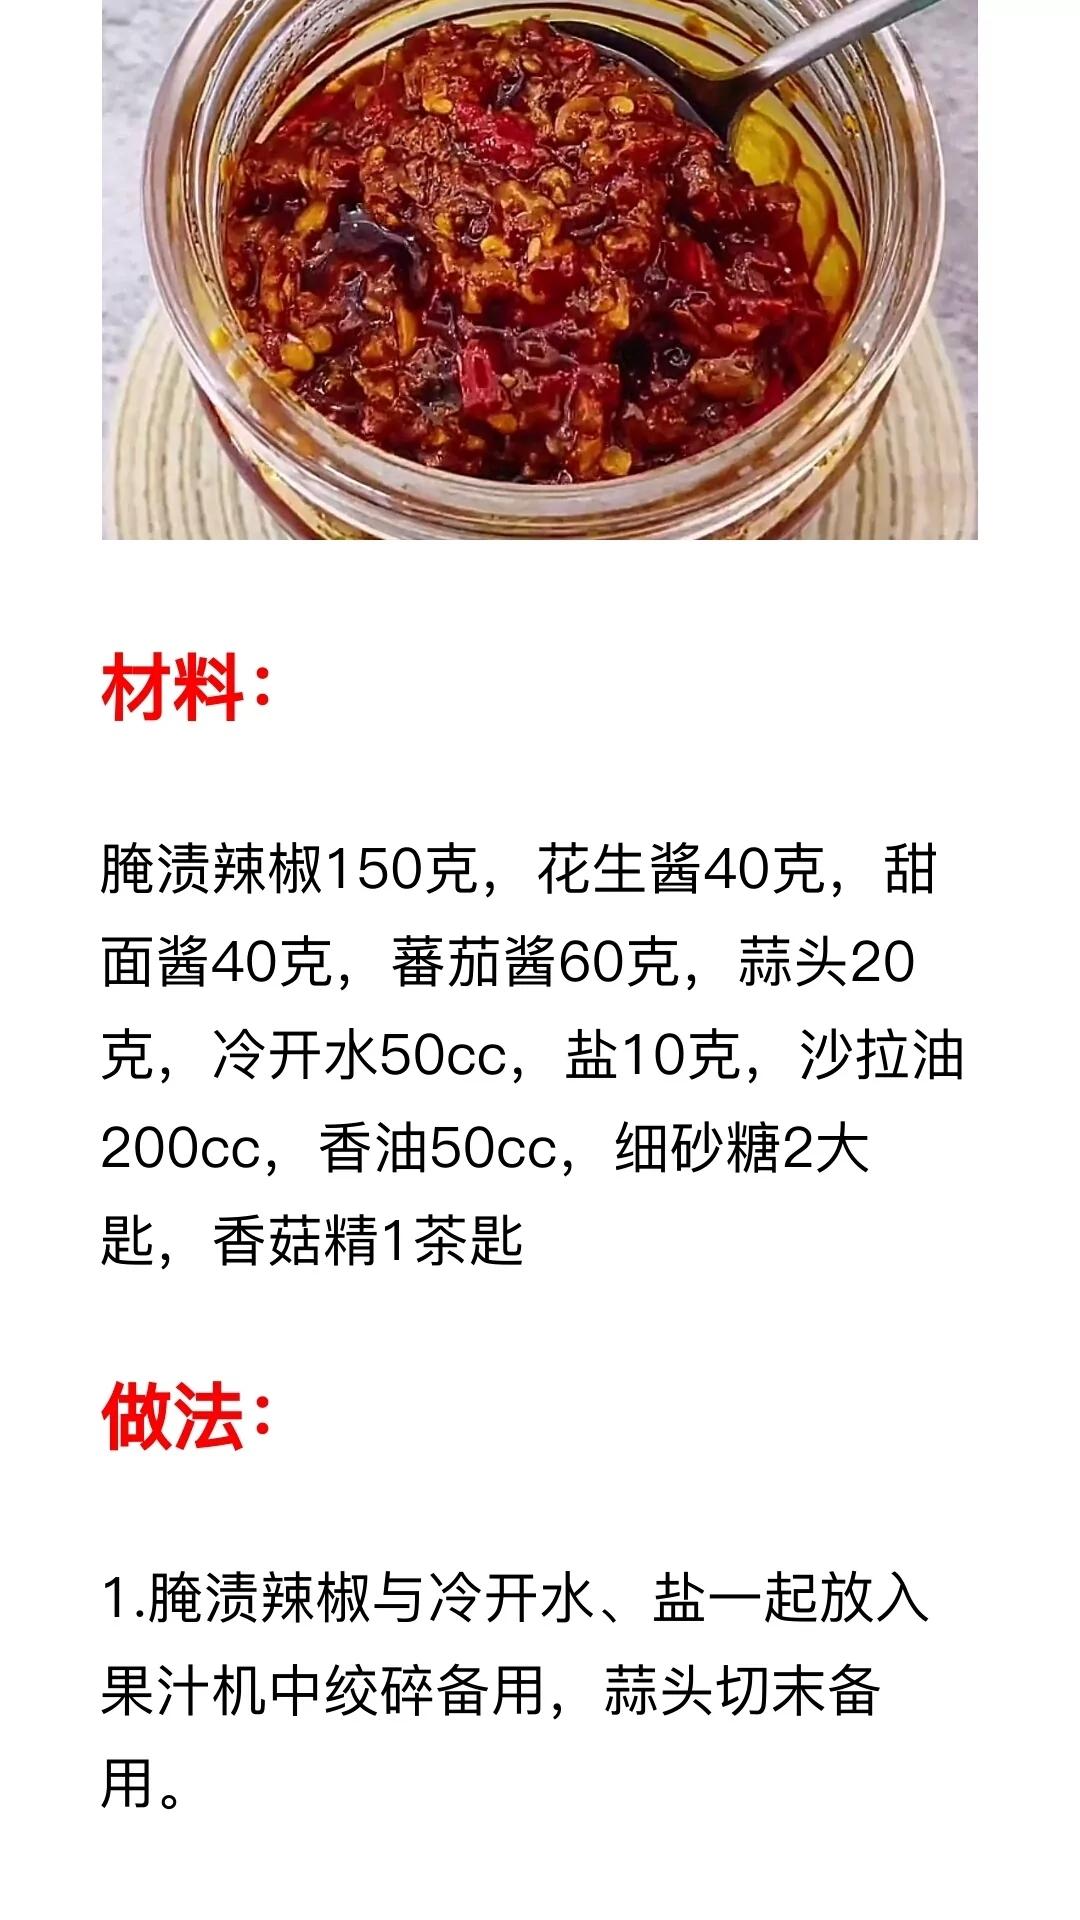 辣椒酱的做法及配料 美食做法 第11张